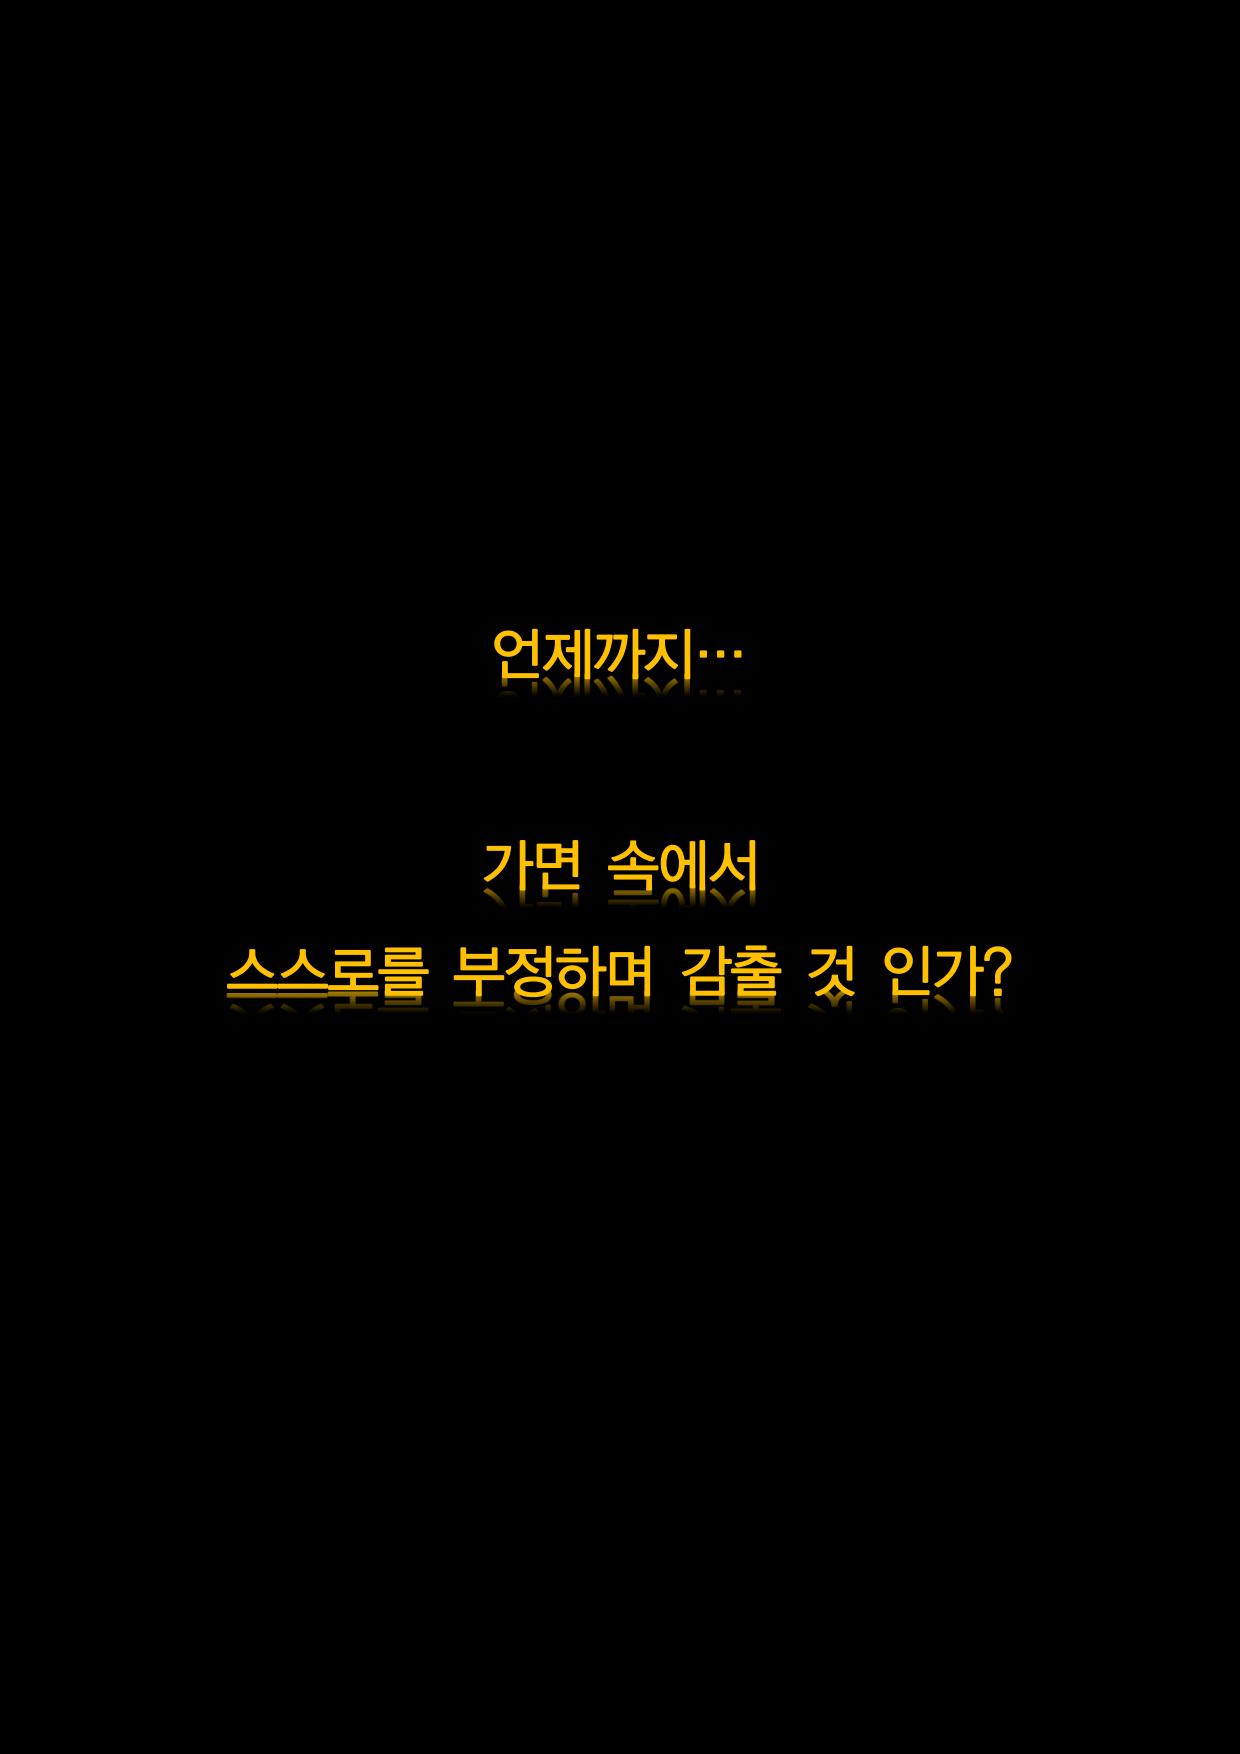 본 머티리어 1회차 홍보글(폰트 포함)_09.png